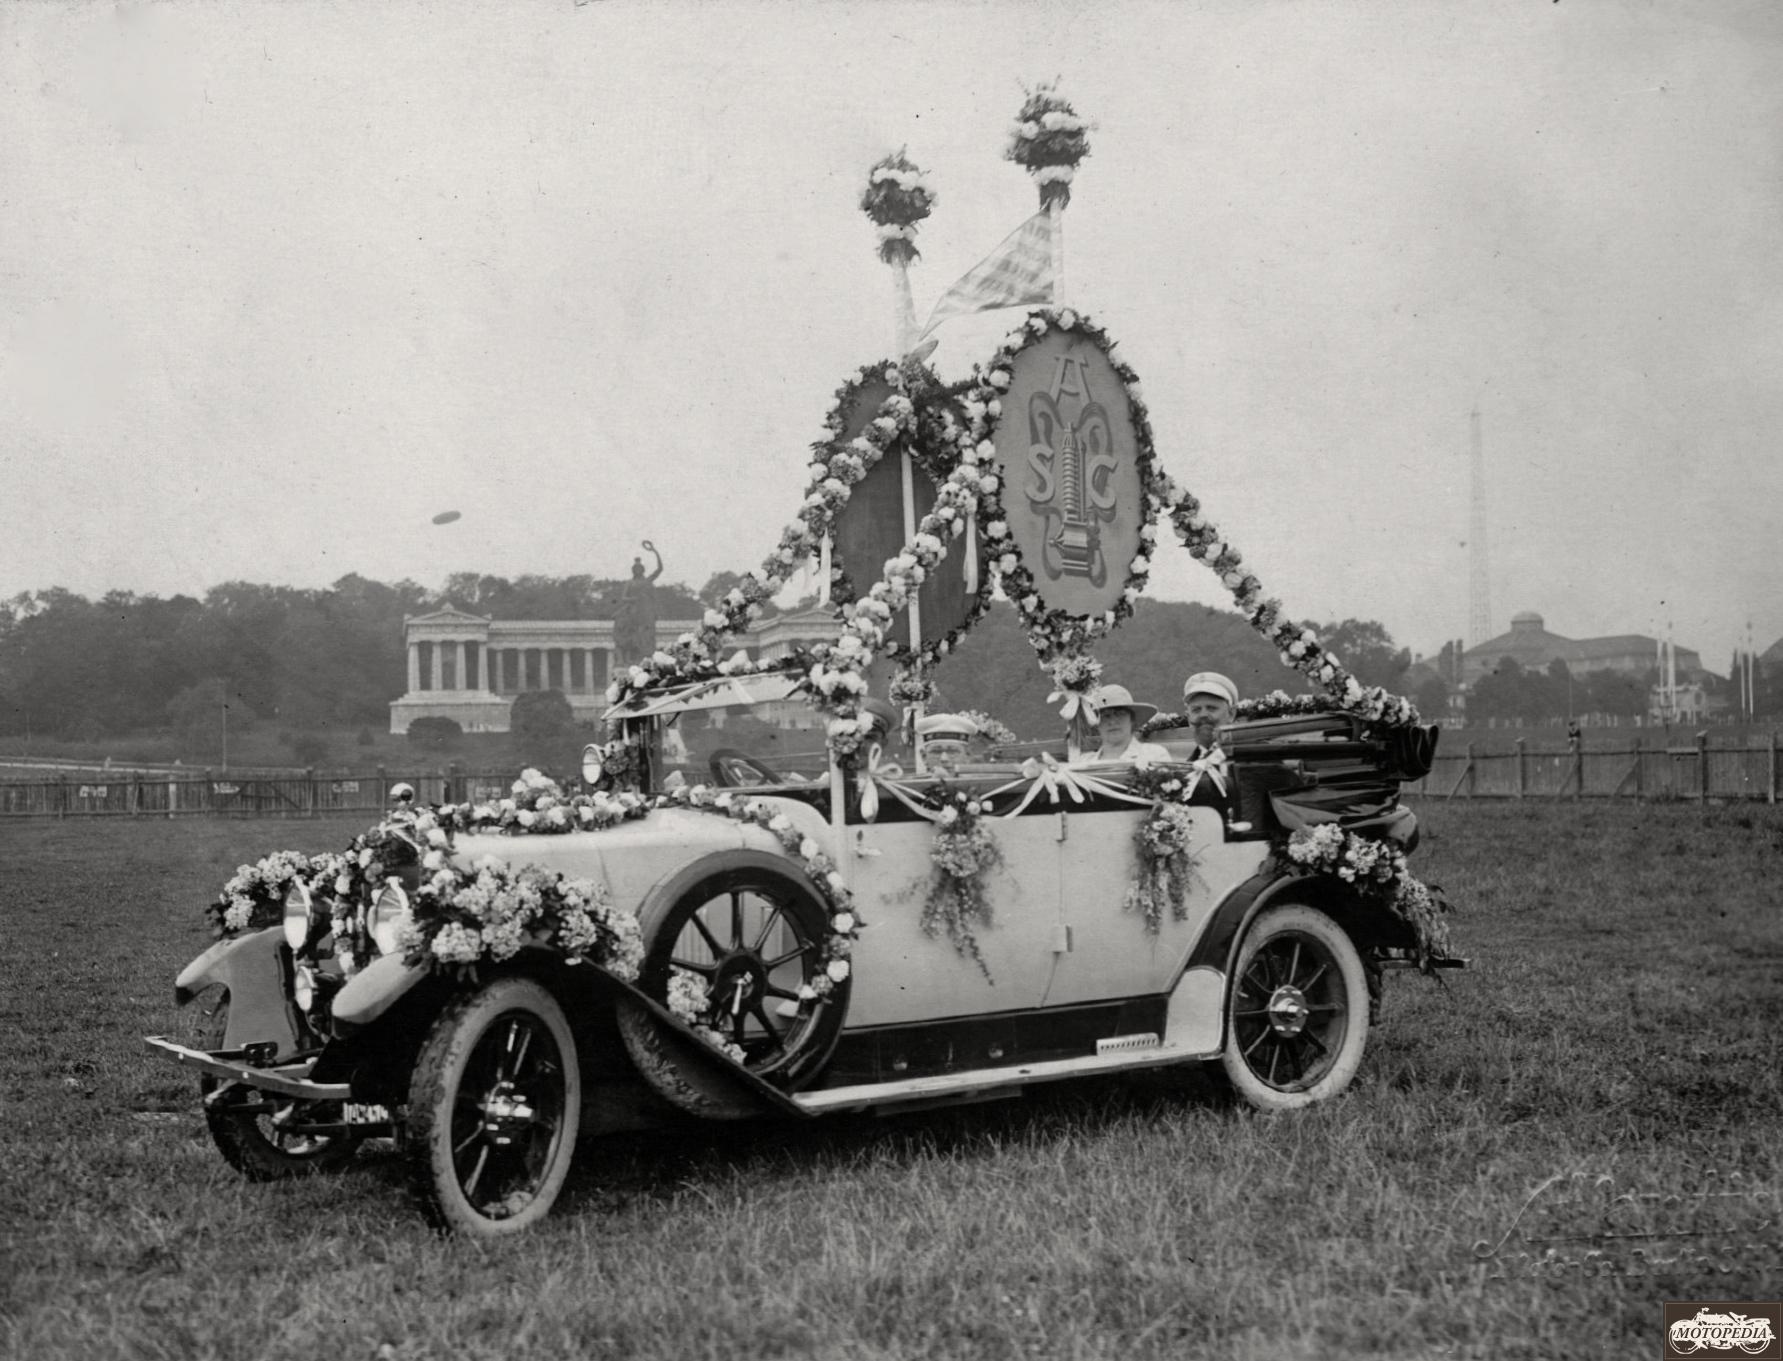 Horch-Wagen des Ehrenpräsidenten des A.S.C. Gustav Braunbeck der dem historischen Korso voran fuhr.